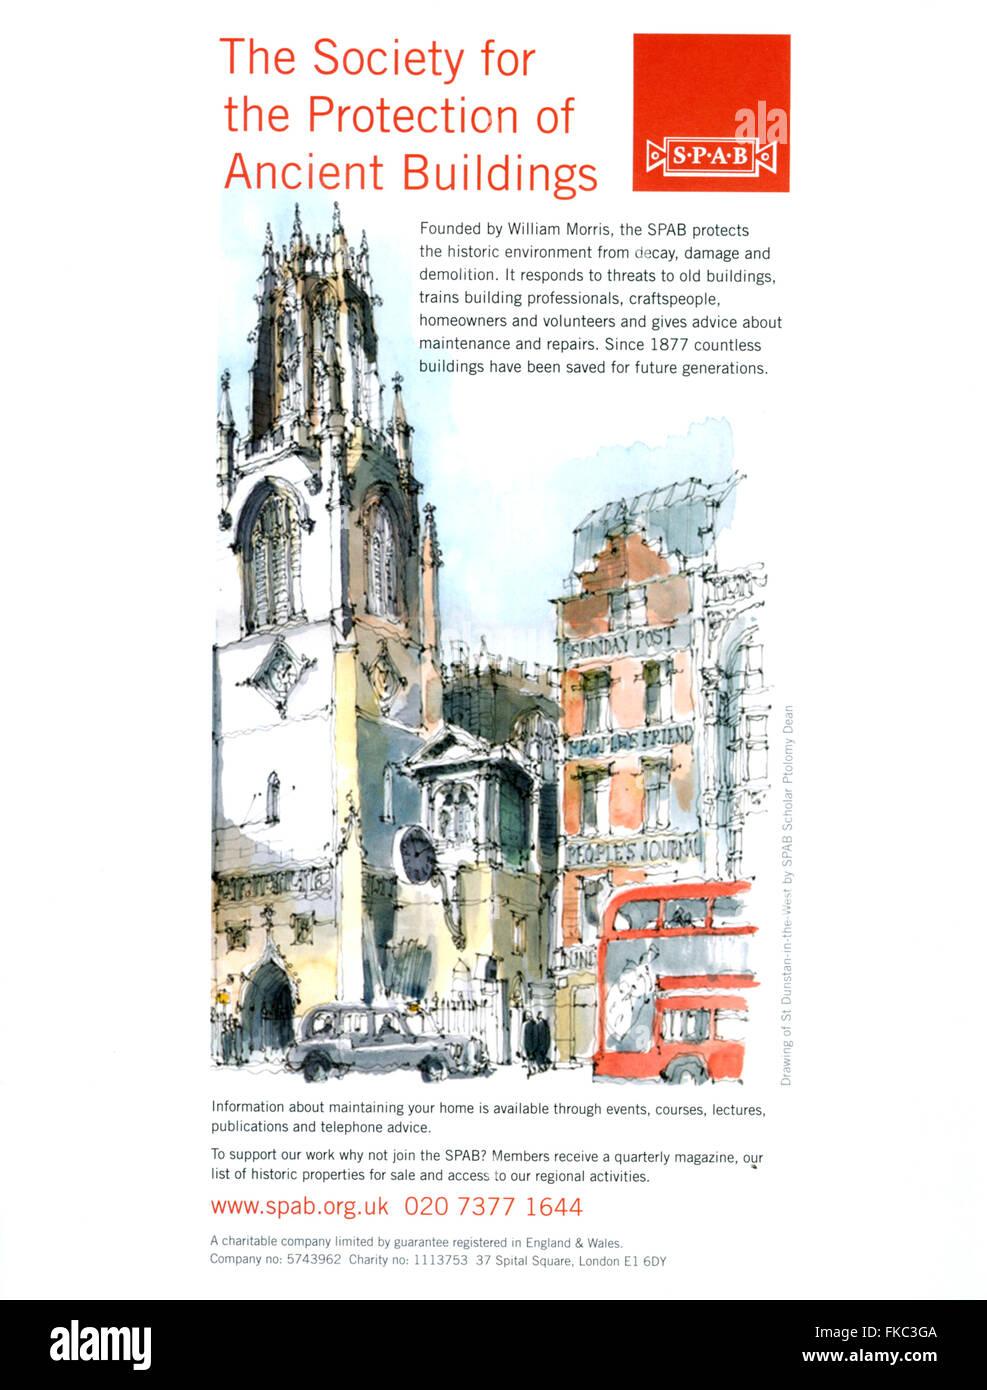 2010er Jahre UK-Gesellschaft für den Schutz der alten Gebäude Magazin Anzeige Stockbild